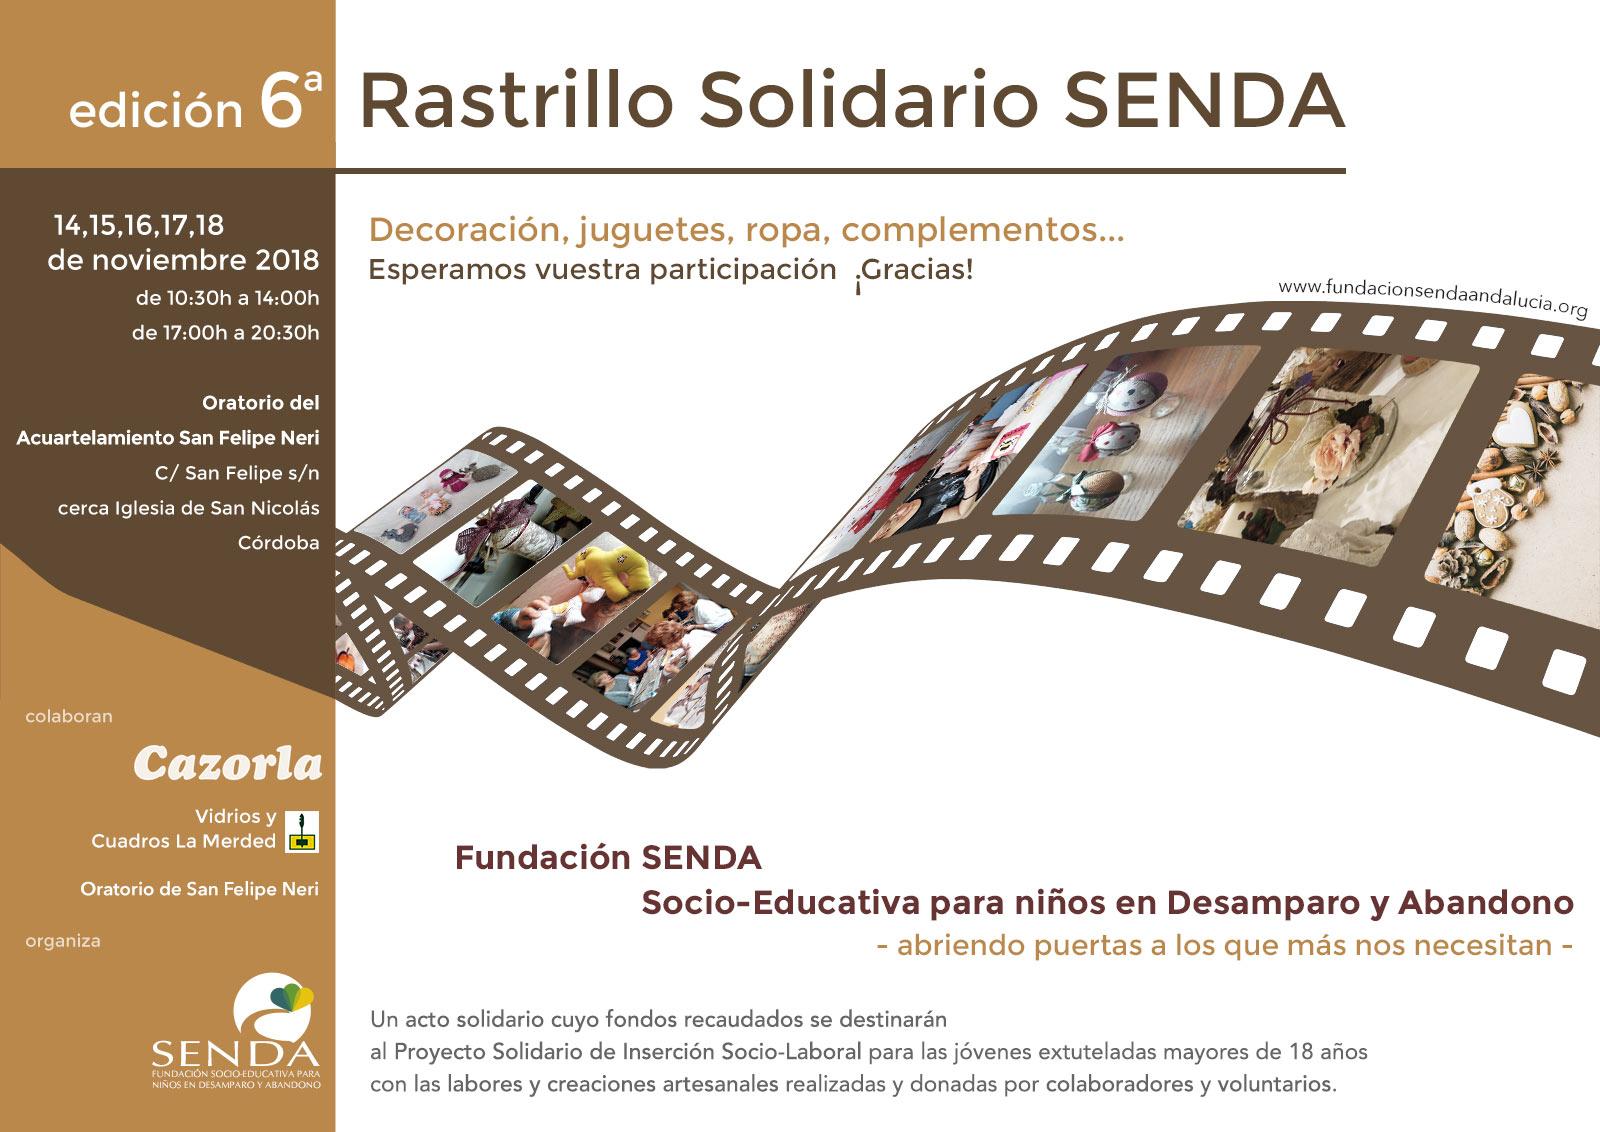 sin ánimo de lucro sexto rastrillo solidario Fundación Senda Andalucia Córdoba Montoro